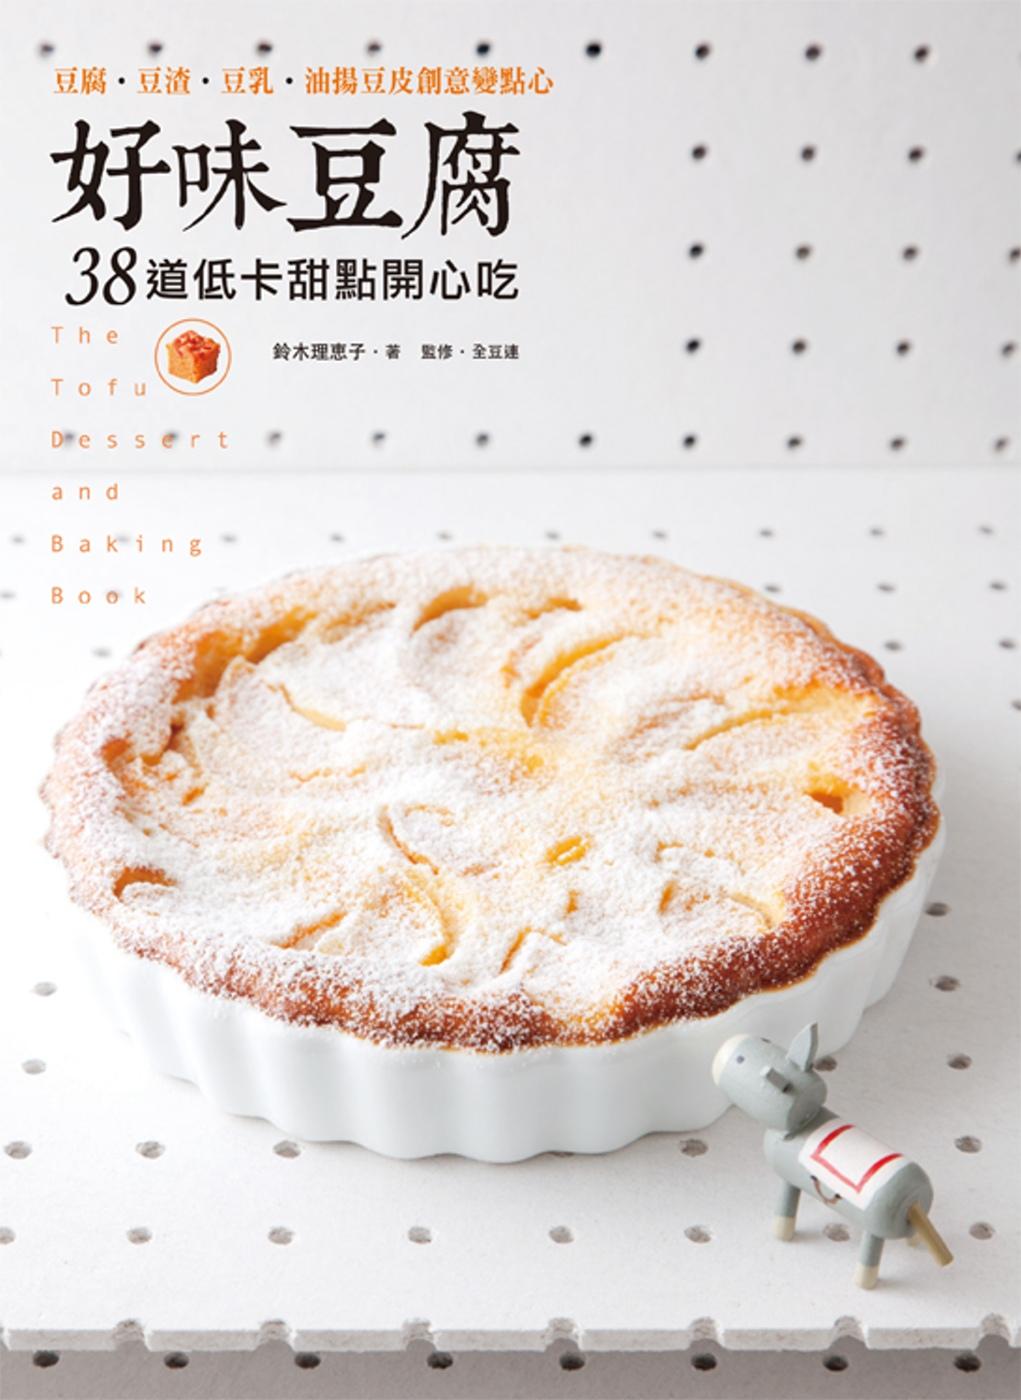 好味豆腐:38道低卡甜點開心吃 豆腐、豆渣、豆乳、油揚豆皮創意點心